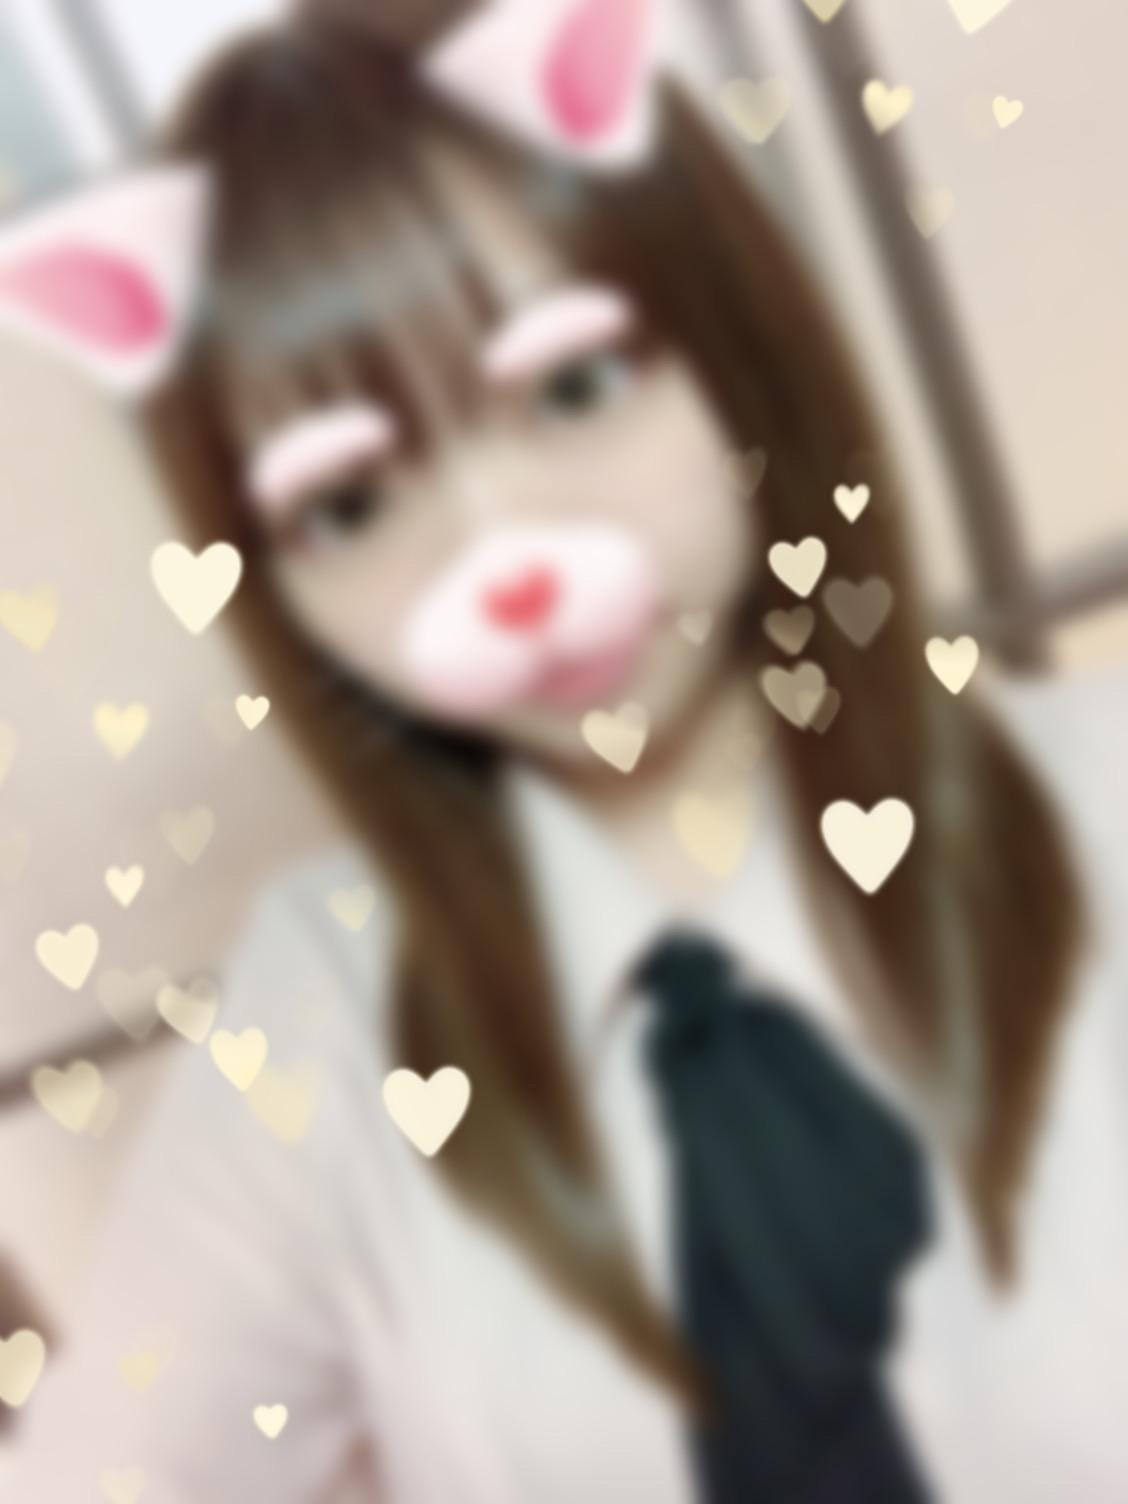 「こんばんは〜( ¨̮ )︎︎❤︎︎」07/10(金) 22:40 | ひまりの写メ・風俗動画